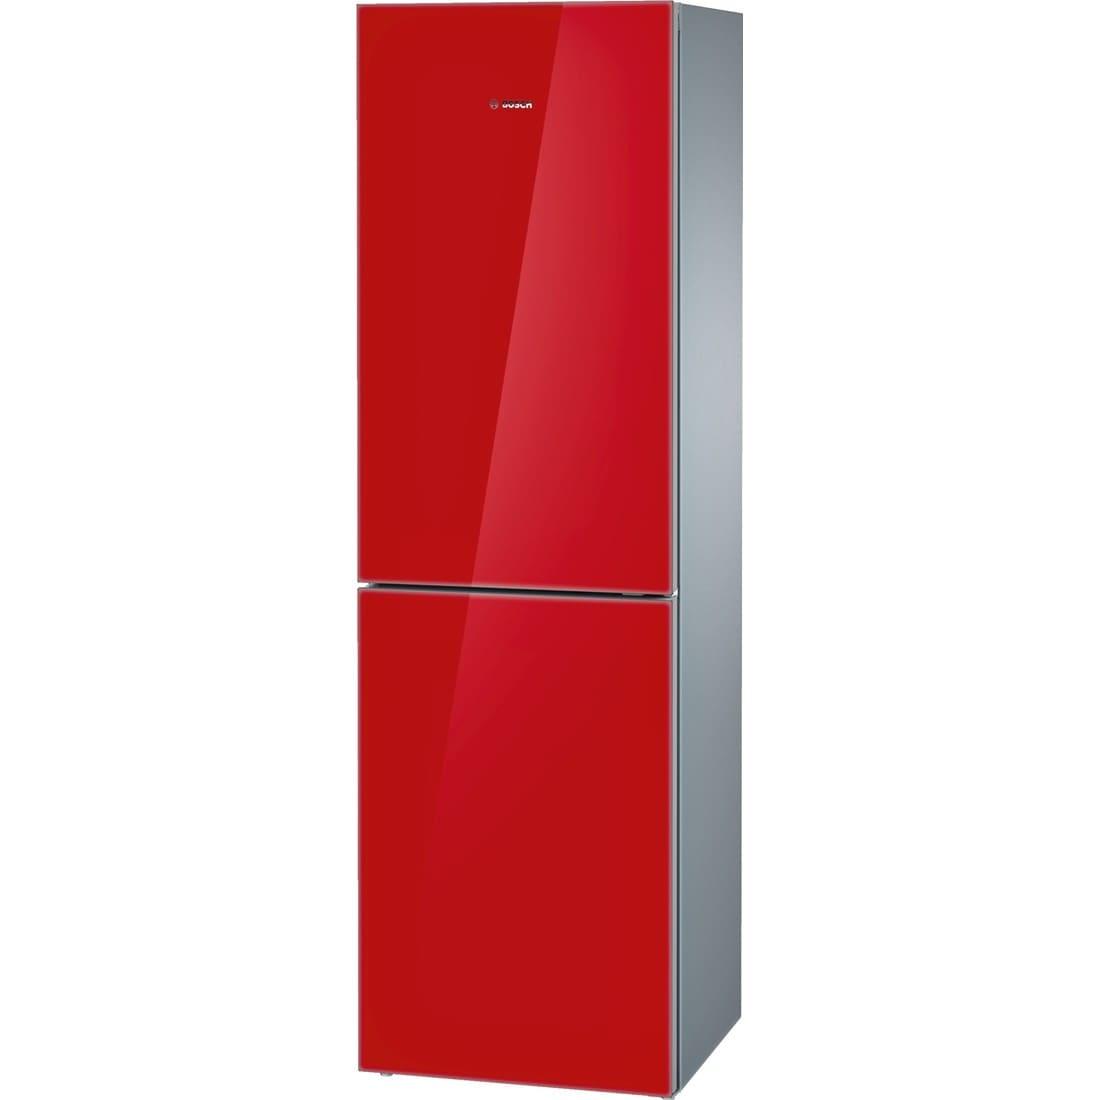 холодильник KGN39LR10